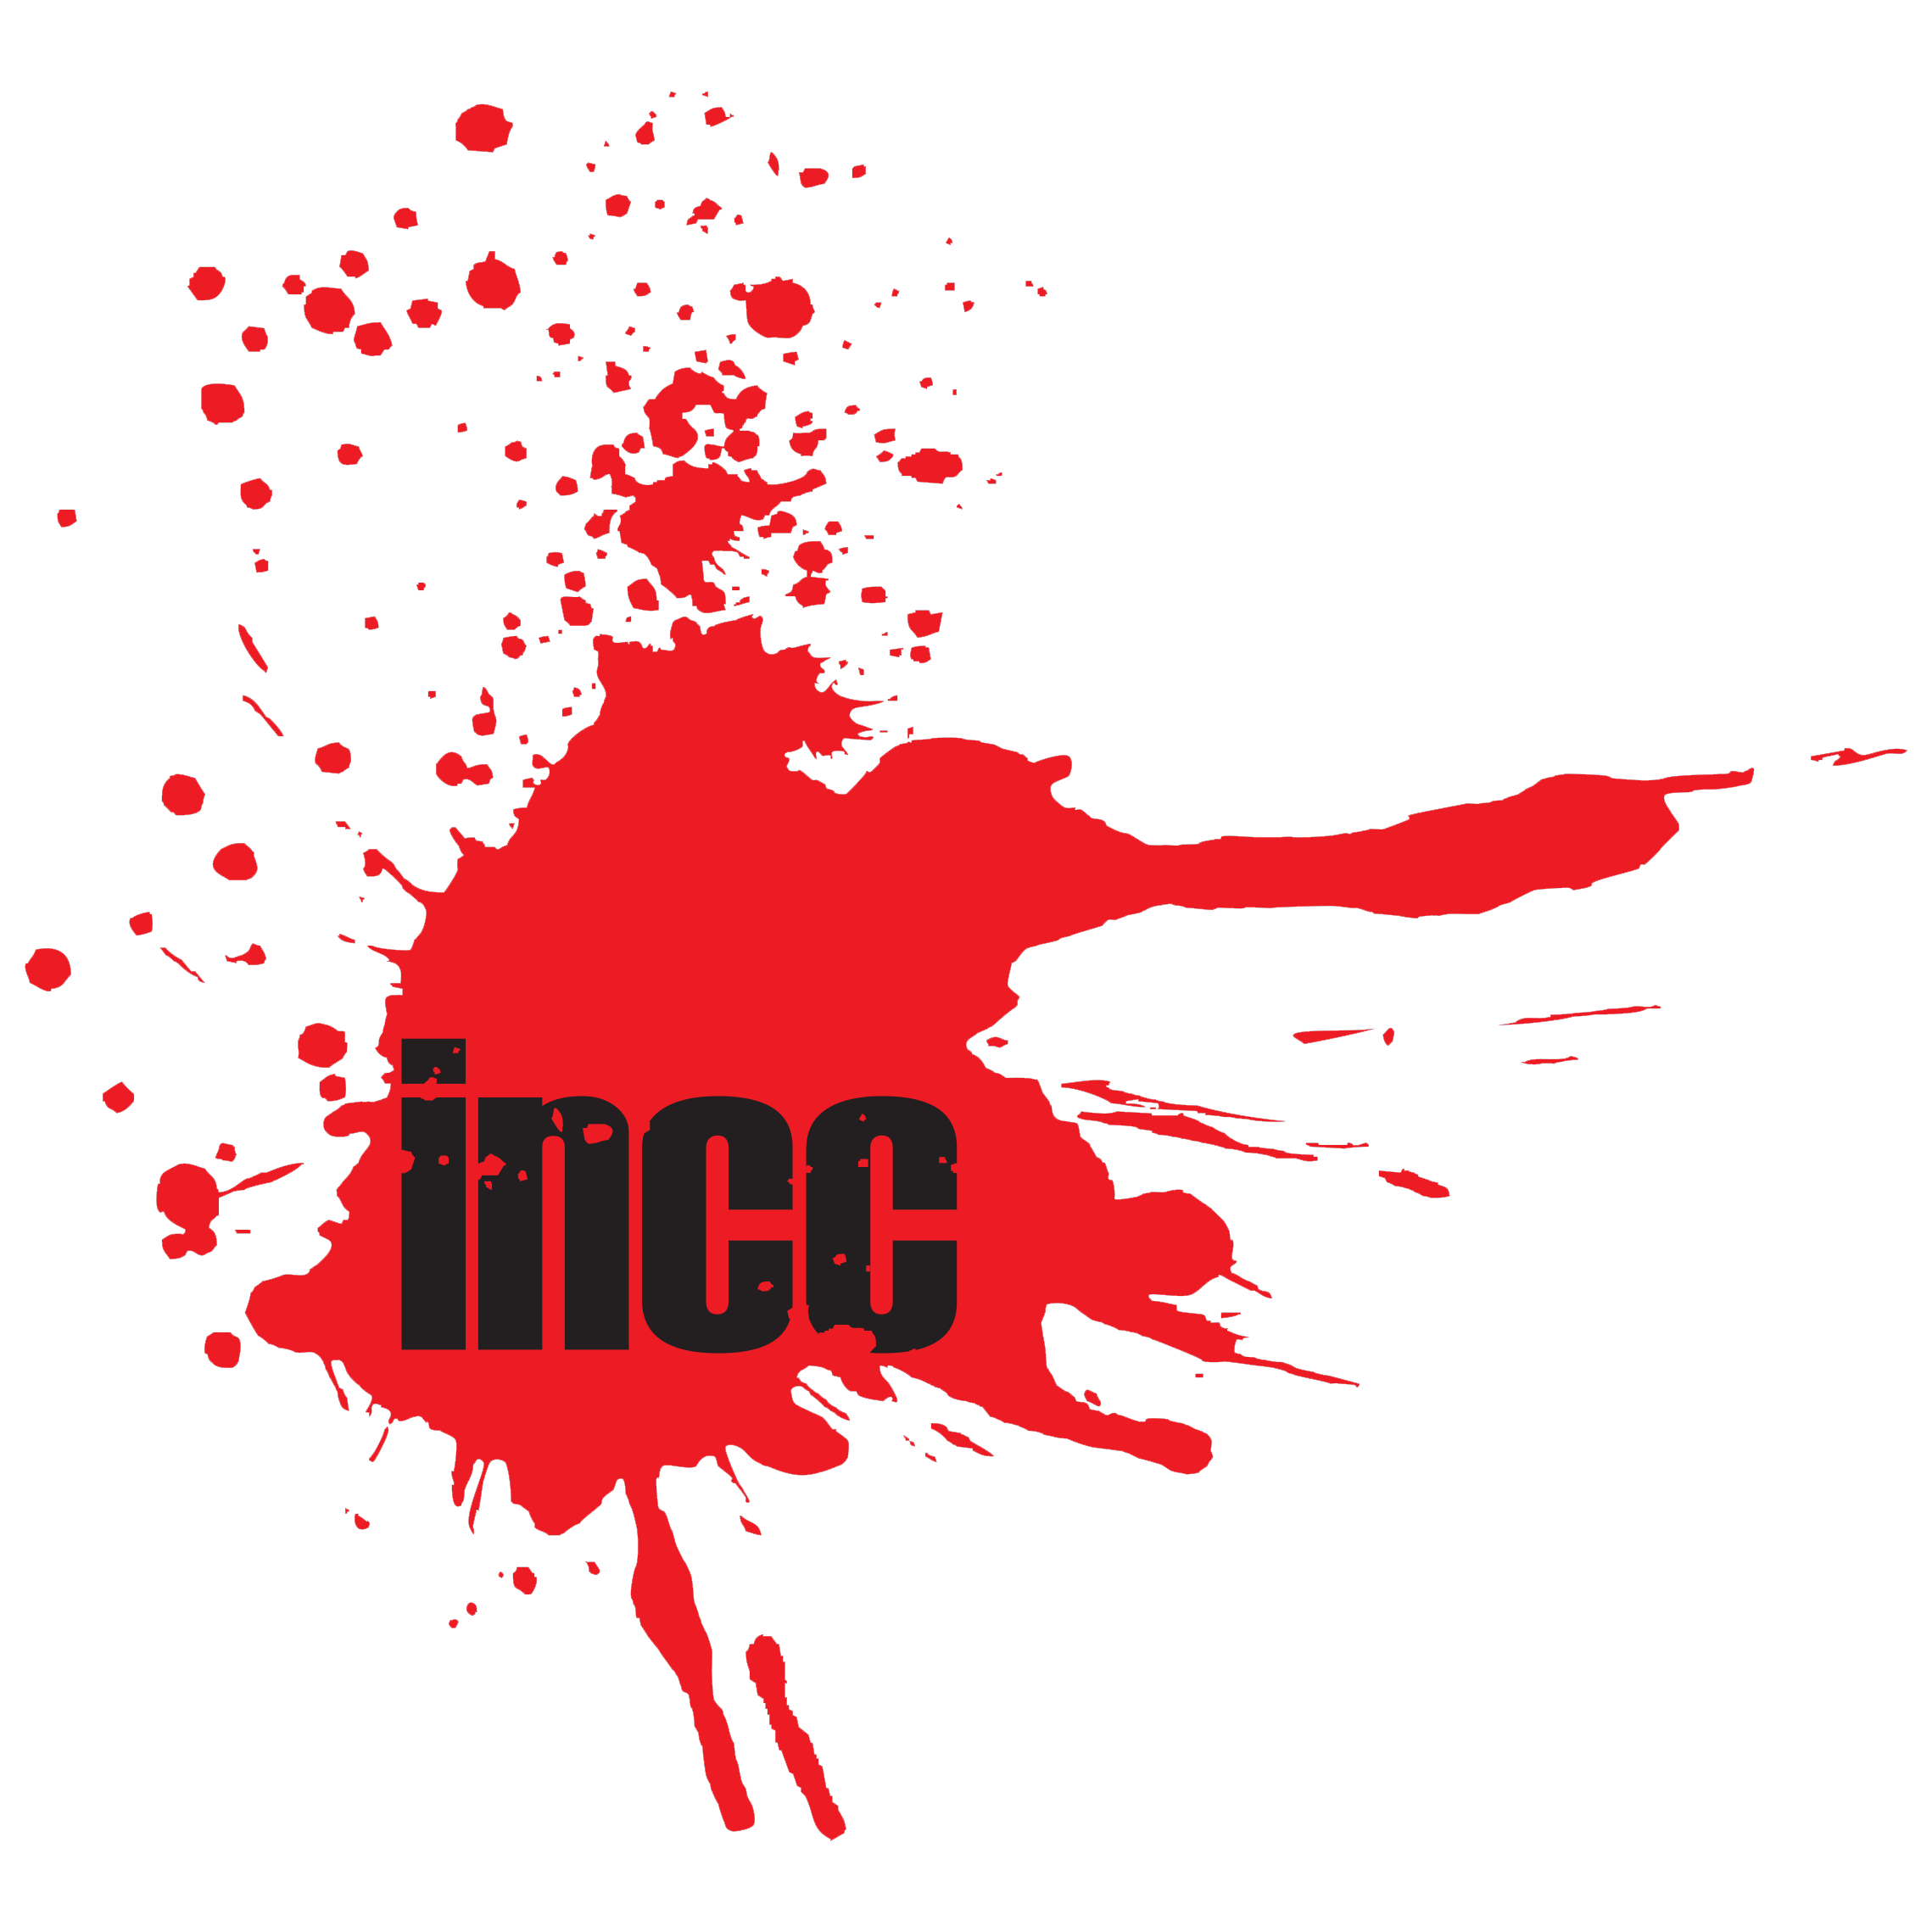 incc-red-logo